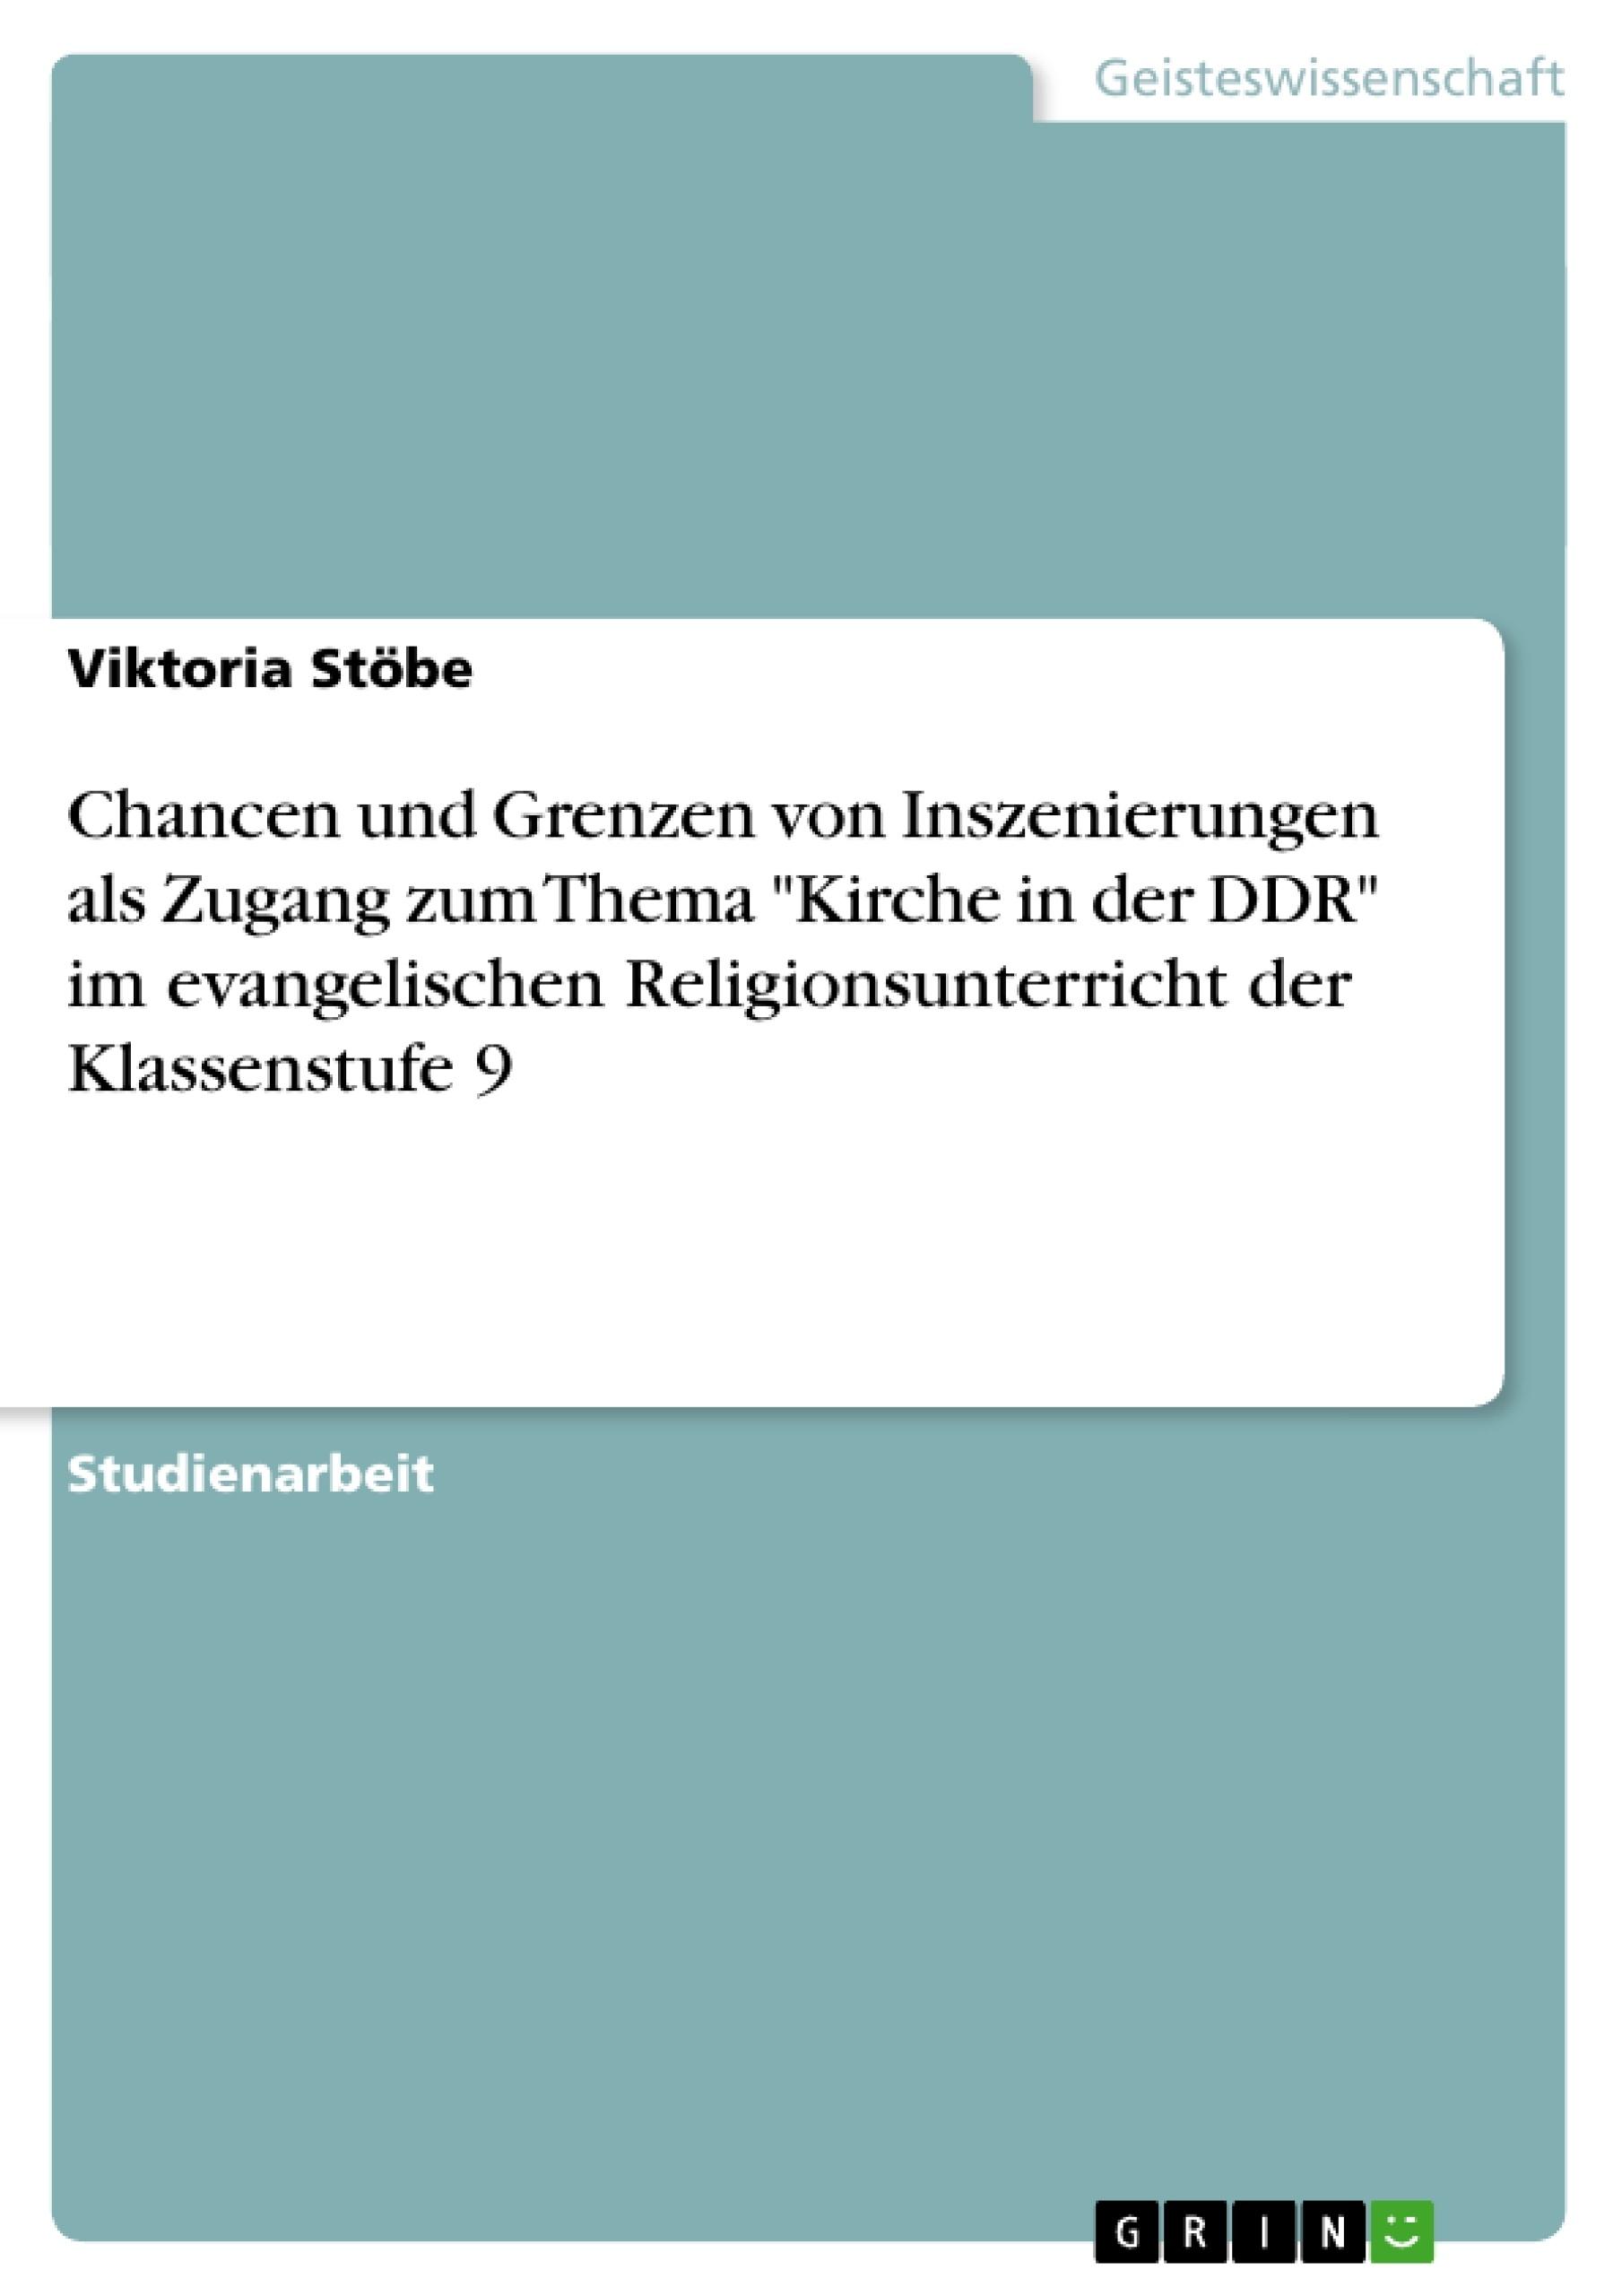 """Titel: Chancen und Grenzen von Inszenierungen als Zugang zum Thema """"Kirche in der DDR"""" im evangelischen Religionsunterricht der Klassenstufe 9"""